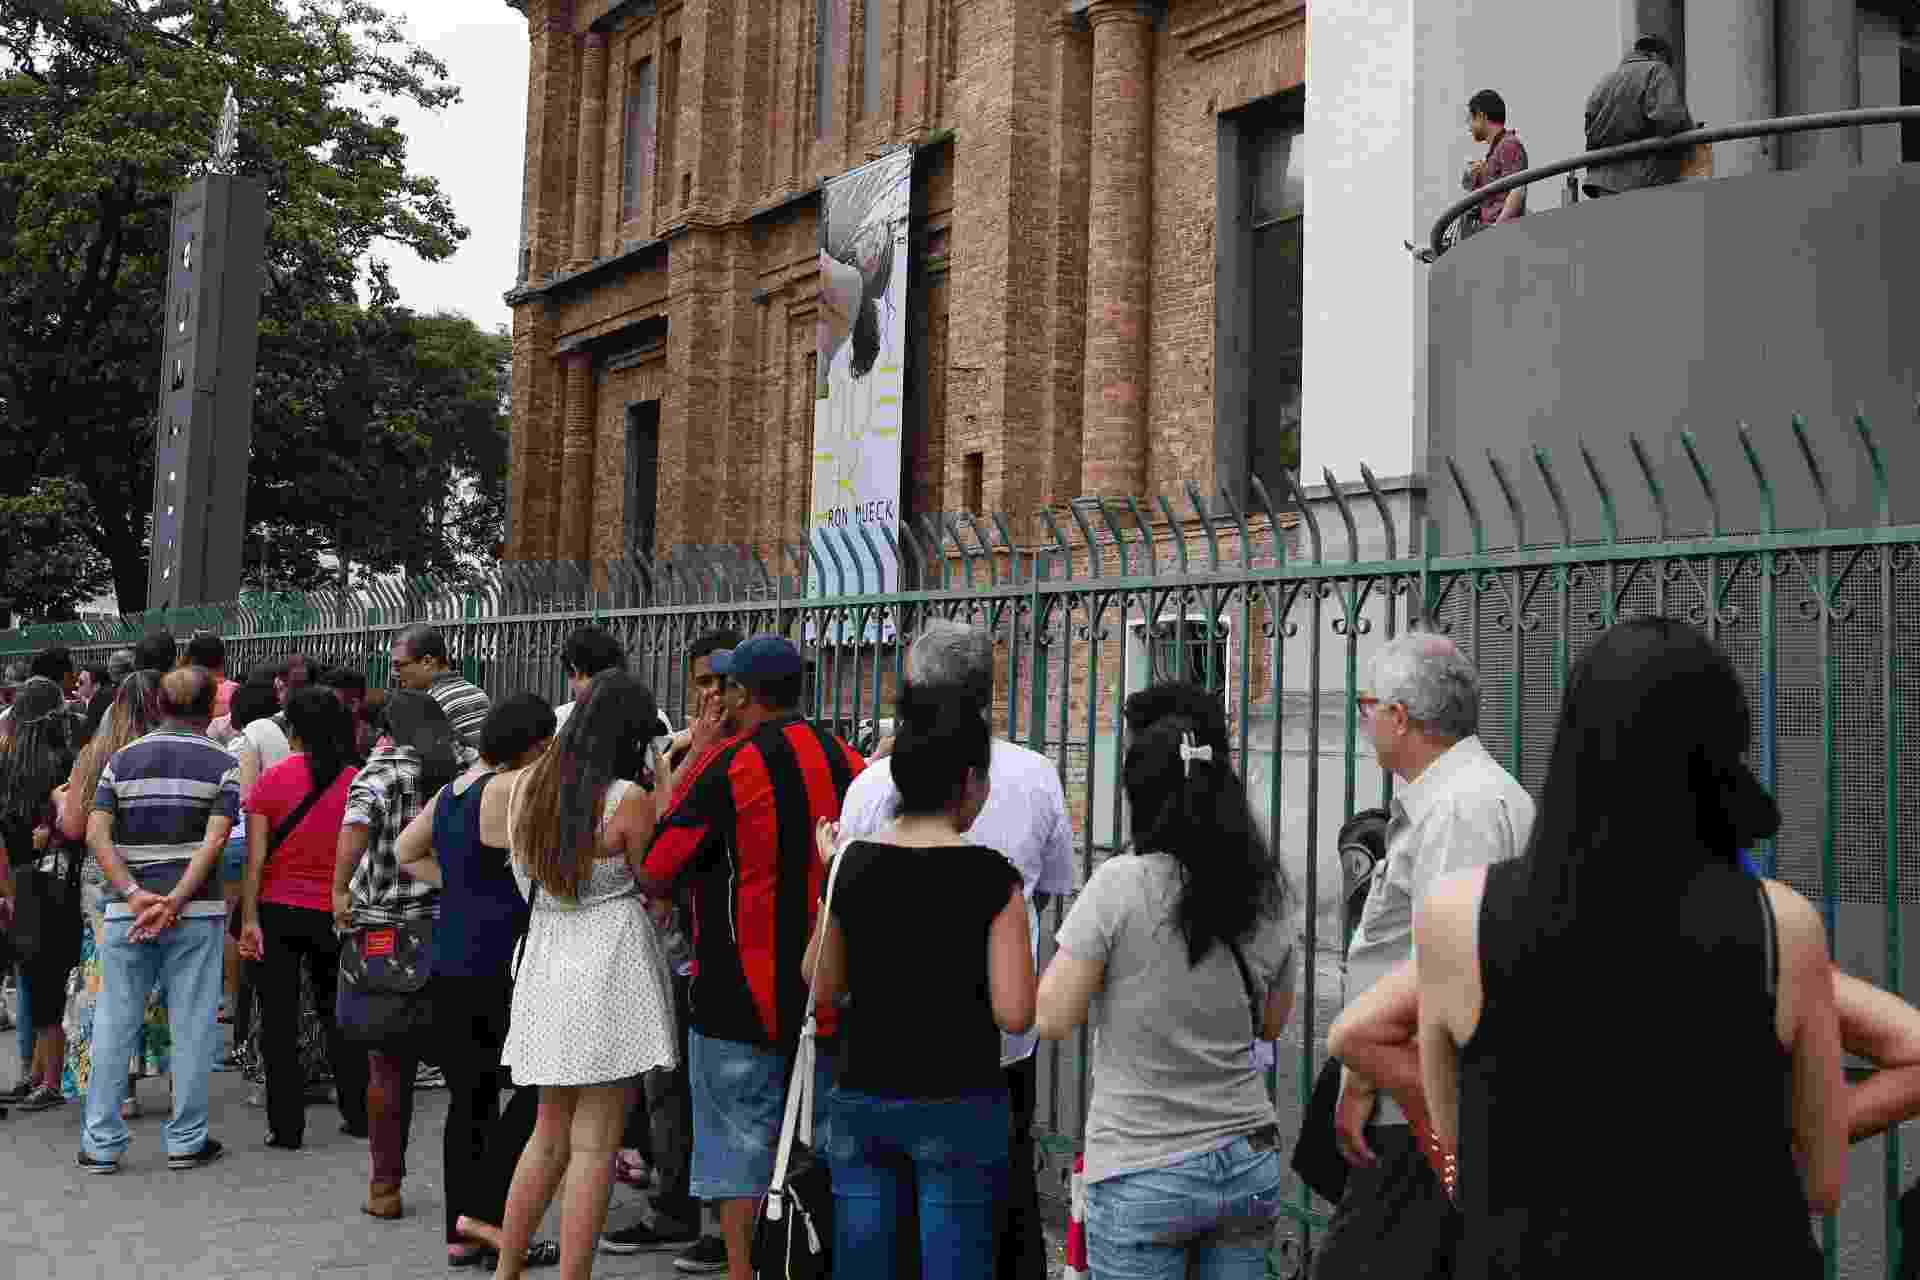 Público enfrenta uma fila de cerca de duas horas na estreia da exposição do artista plástico australiano Ron Mueck, na Pinacoteca de São Paulo - Junior Lago/UOL